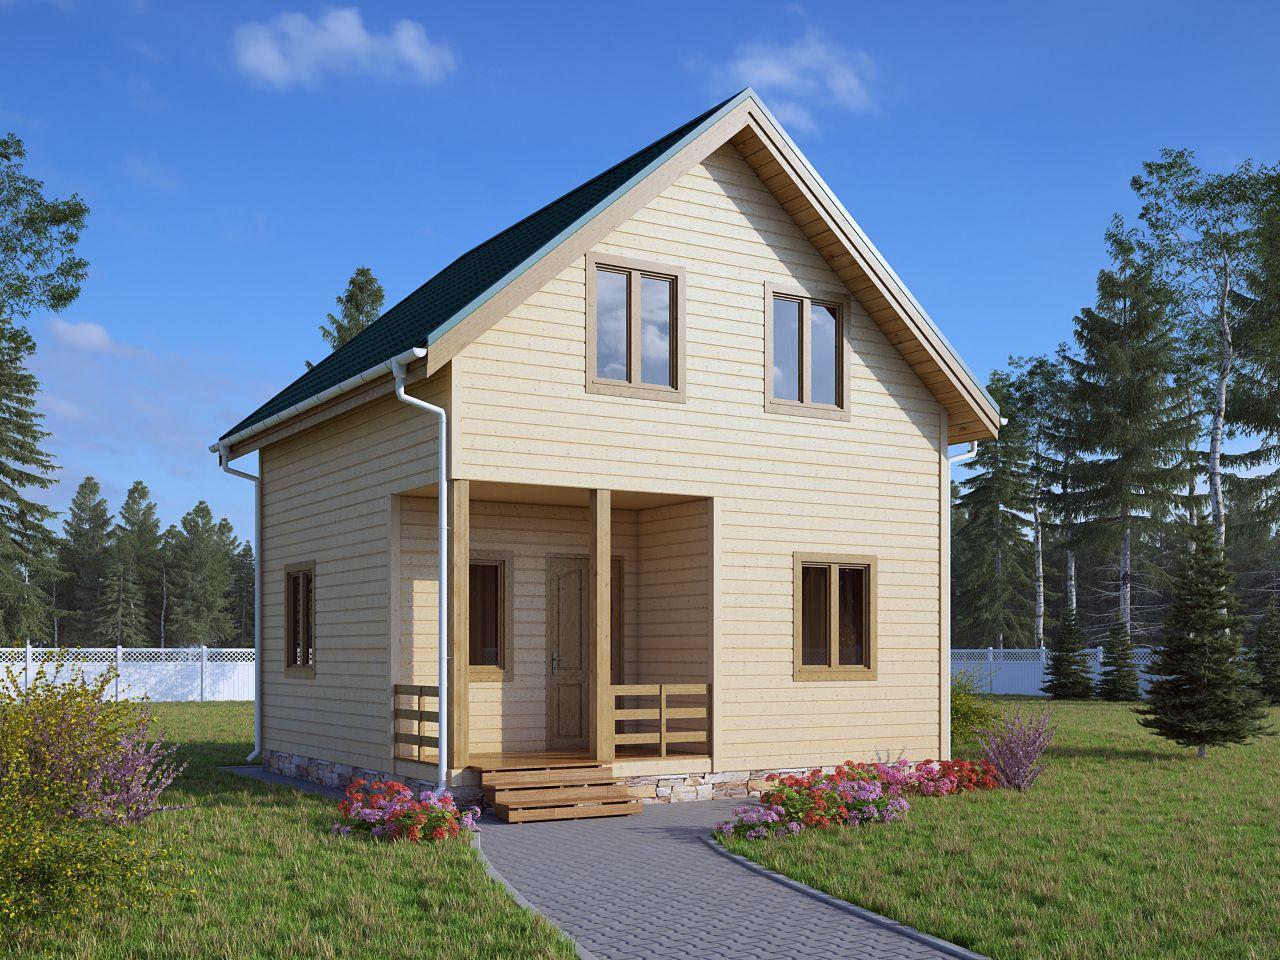 сколько стоит построить дом 6х6